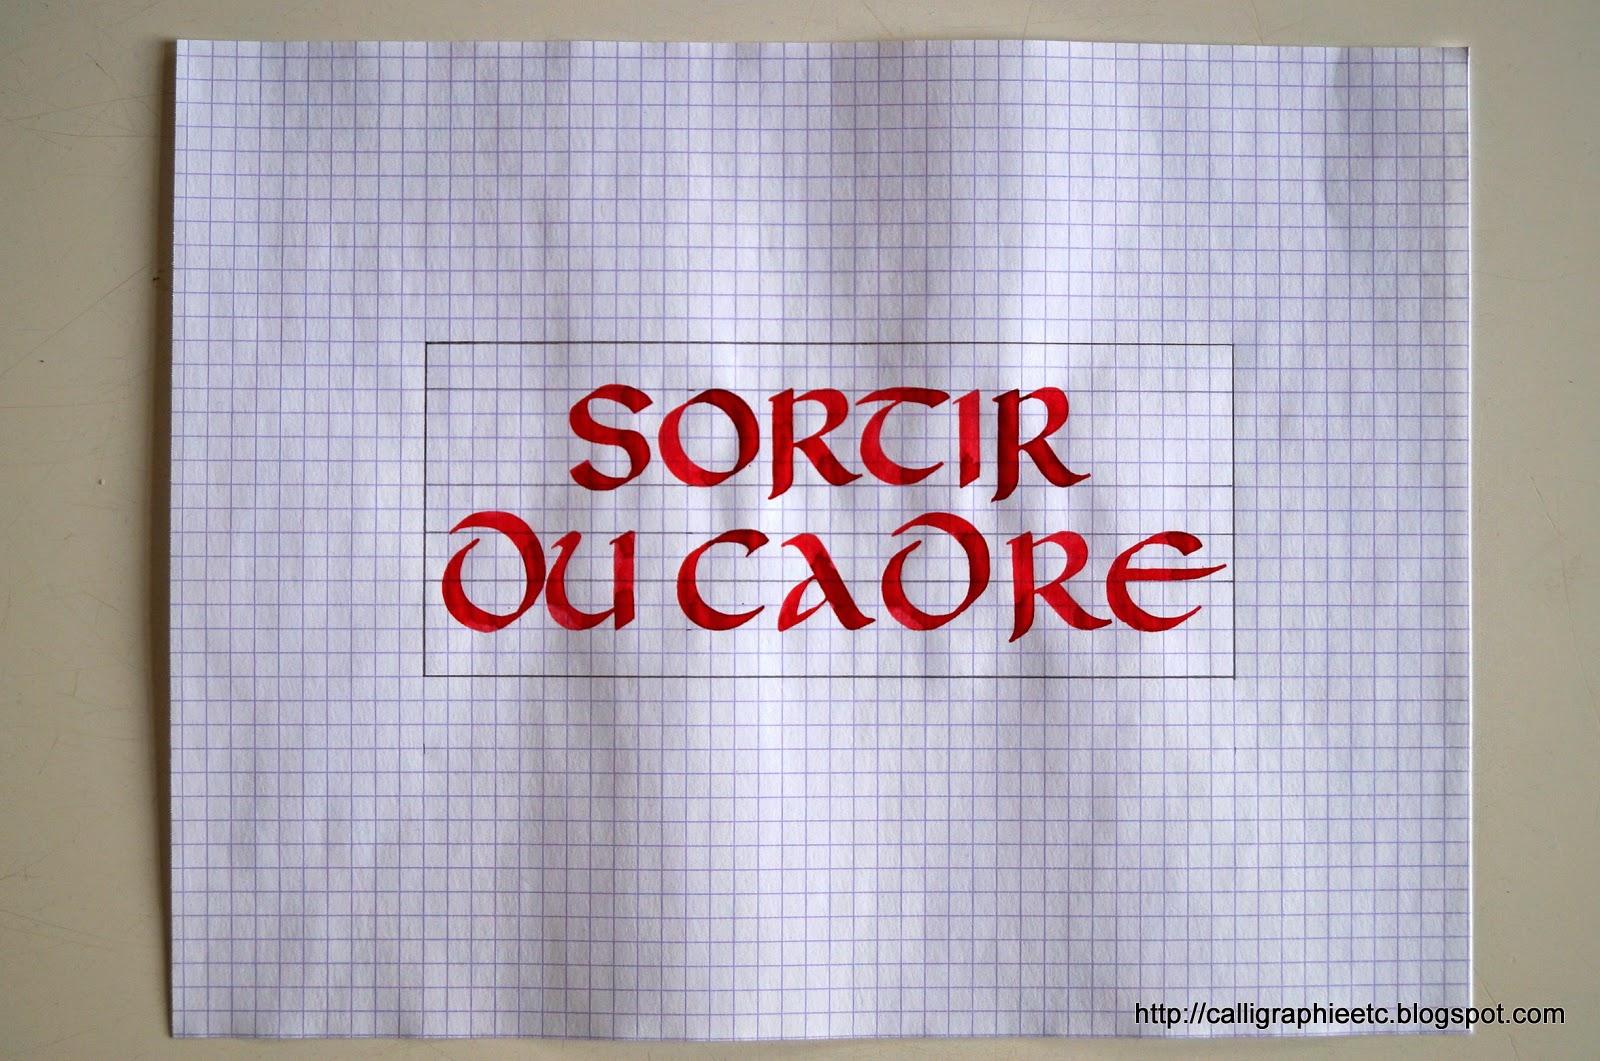 Tatouage Lettres Calligraphie - Tatouages Excessial Calligraphie Paris